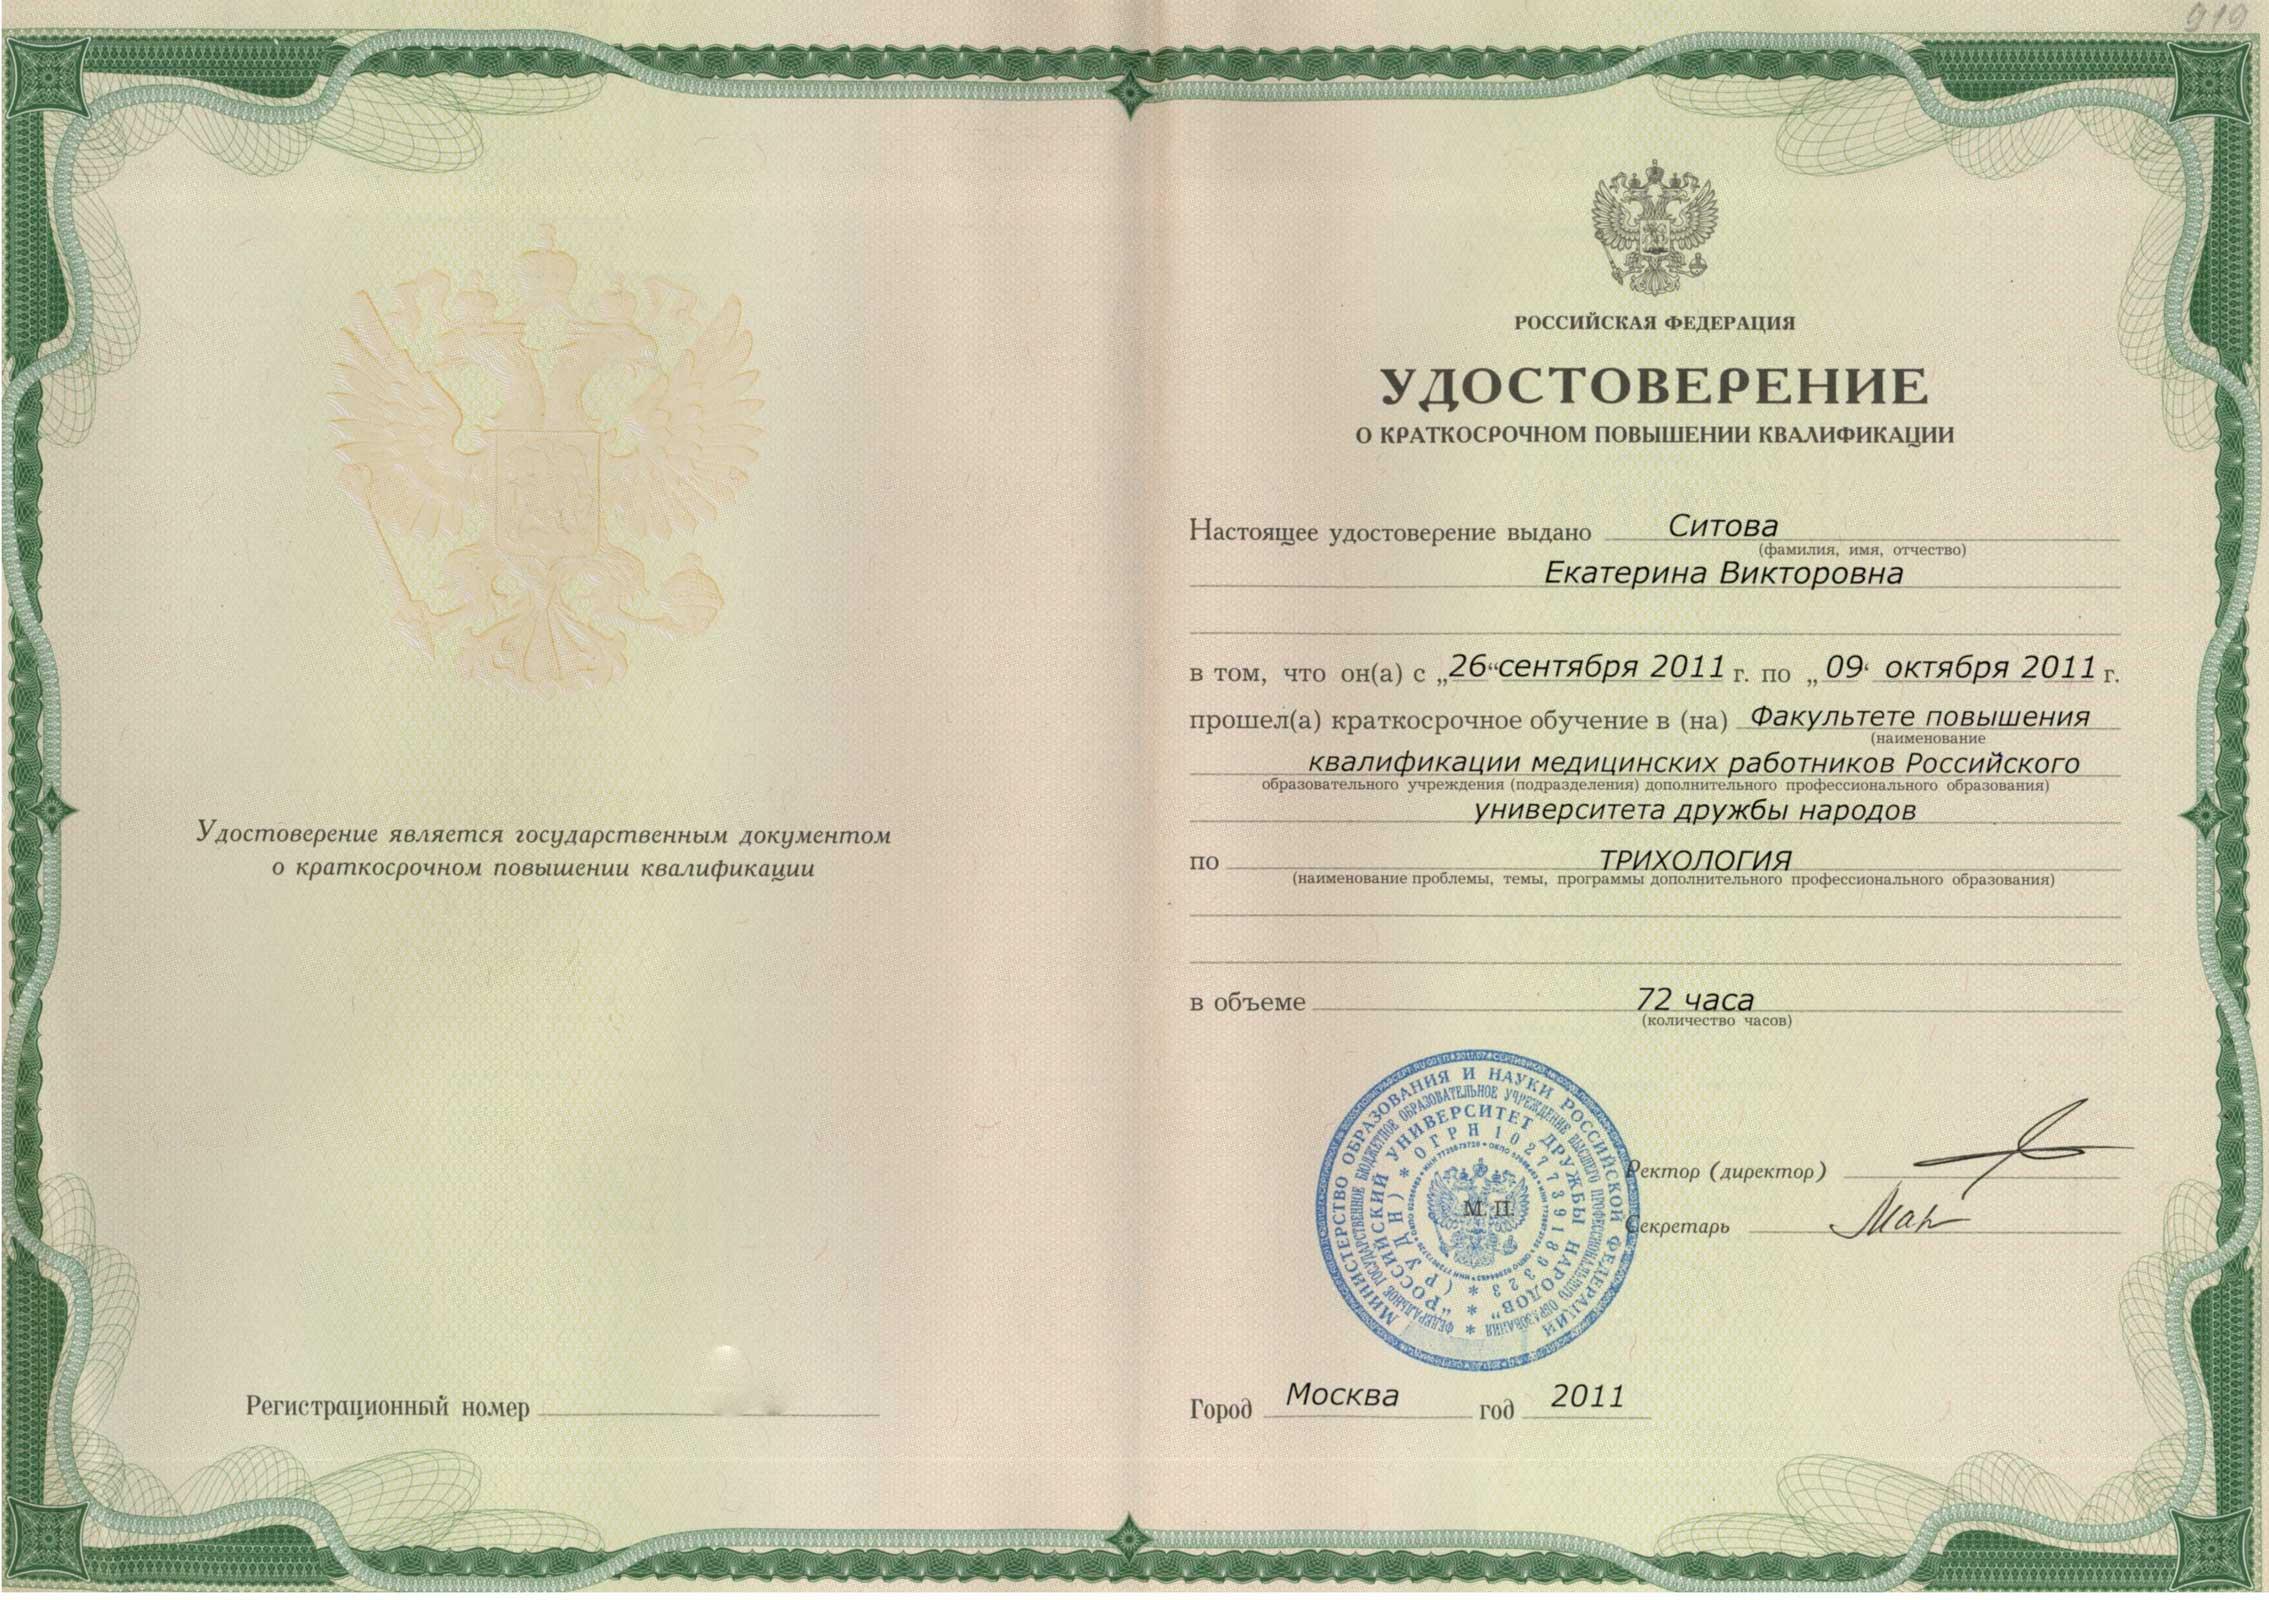 Удостоверение врача-трихолога Ситовой Е.В.